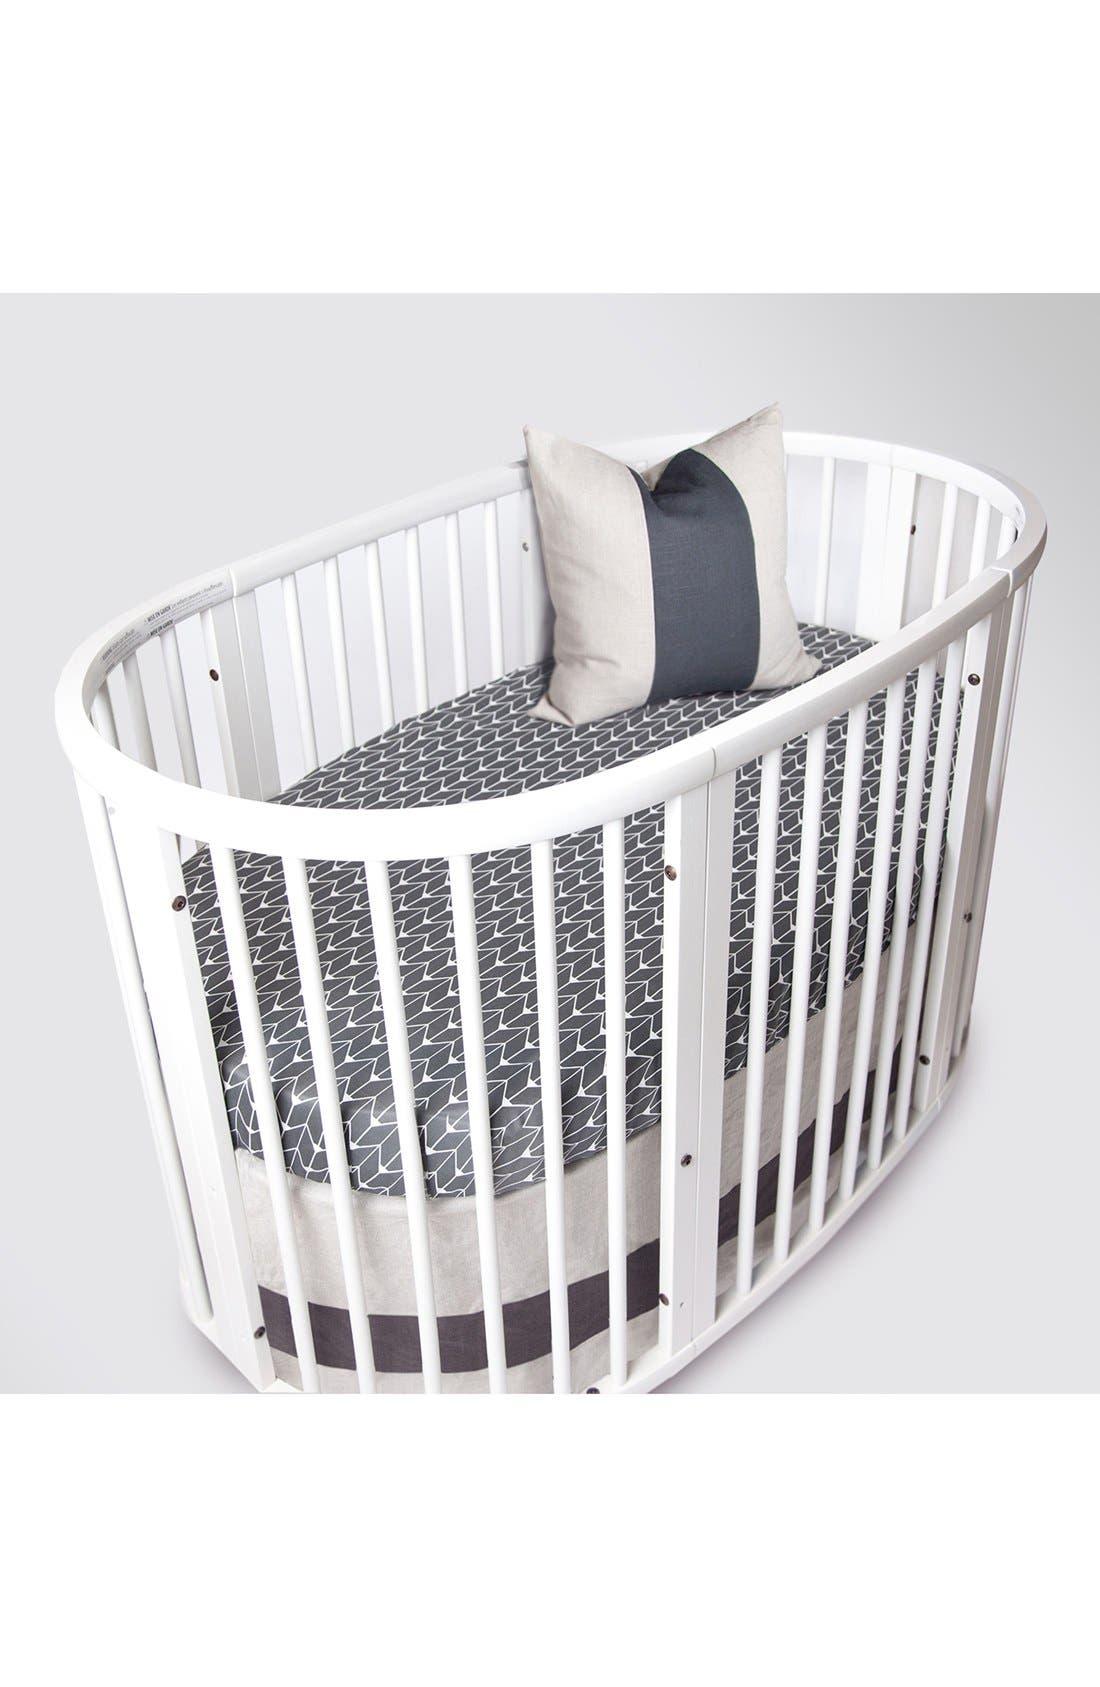 Woven Band Crib Skirt for Stokke Sleepi Crib,                             Main thumbnail 1, color,                             025